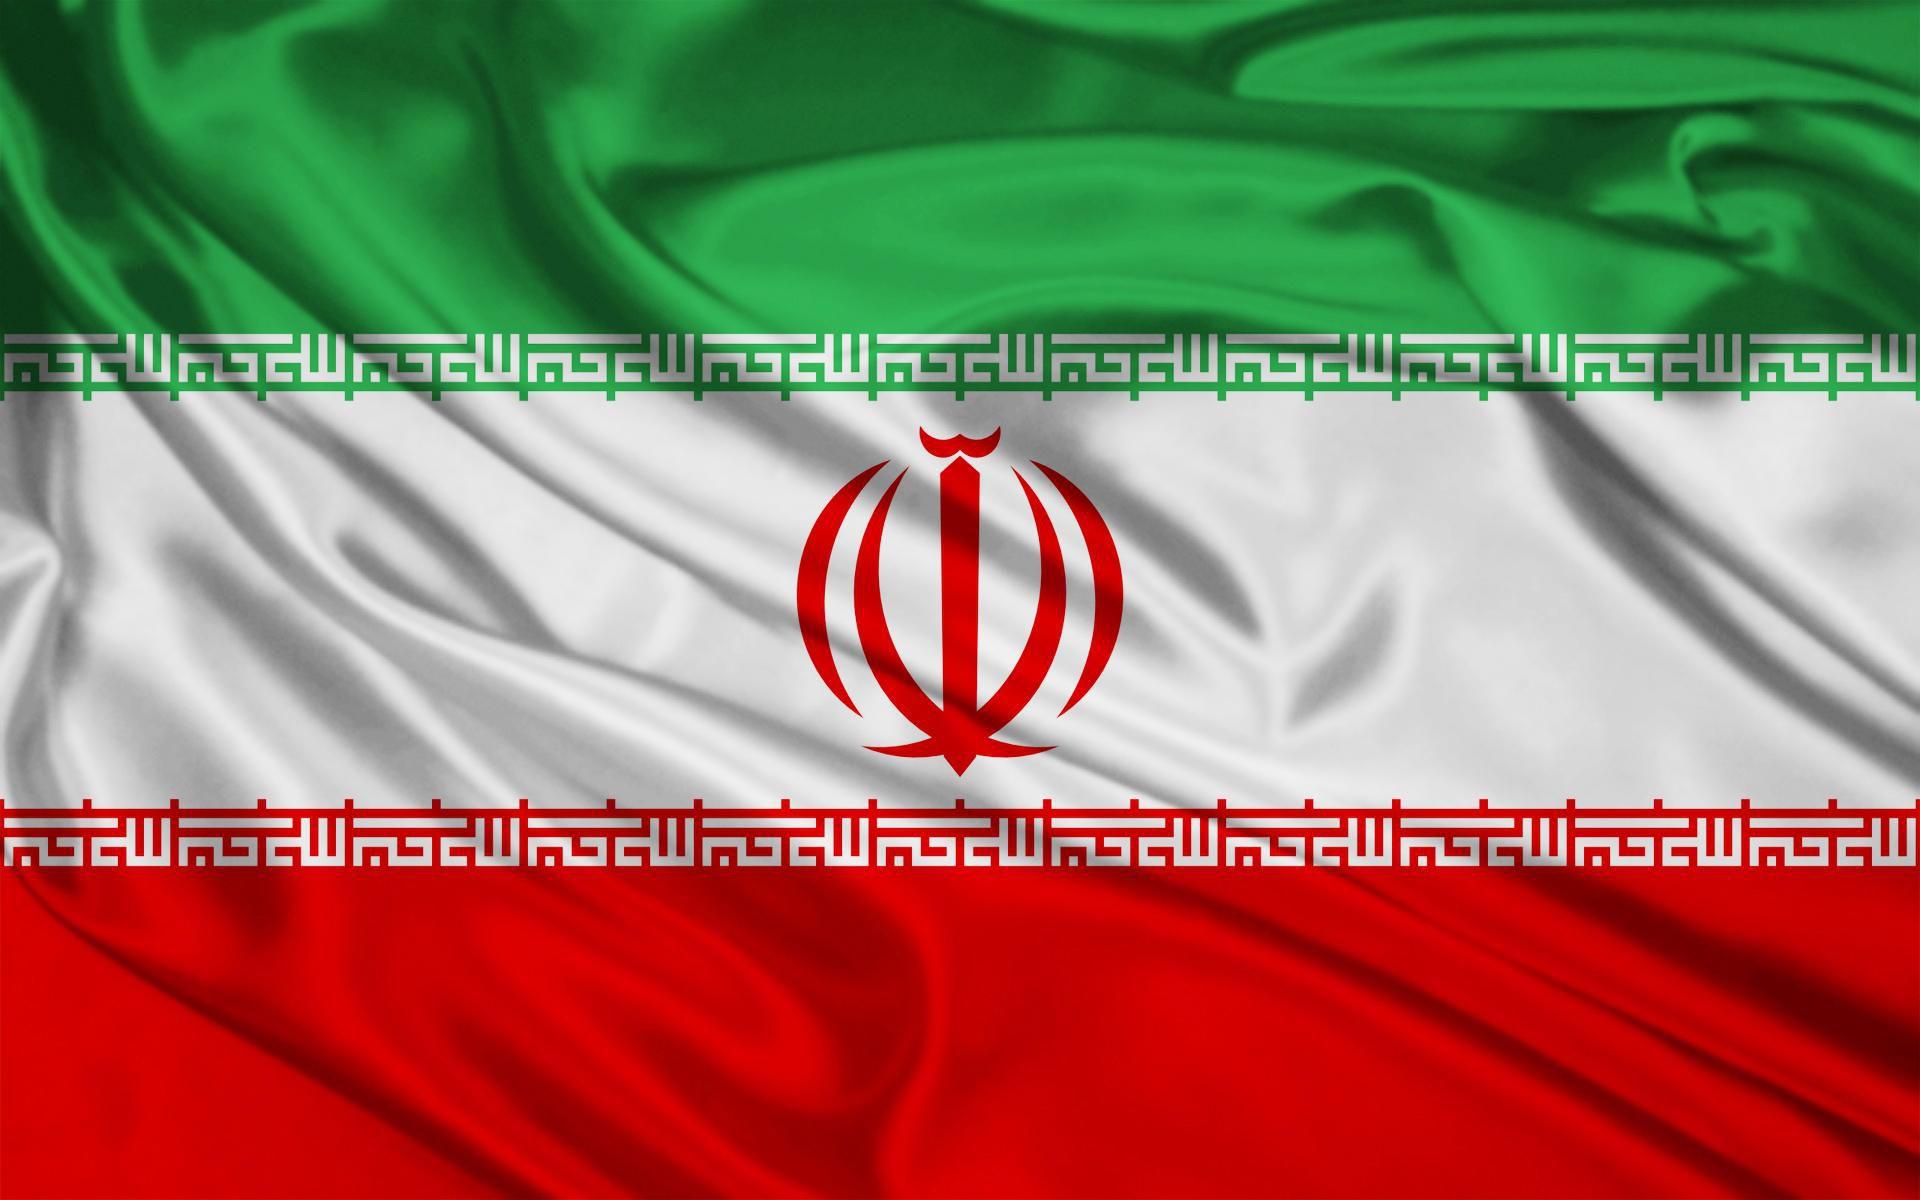 پاسخ ایران به حادثه نطنز چه خواهد بود؟